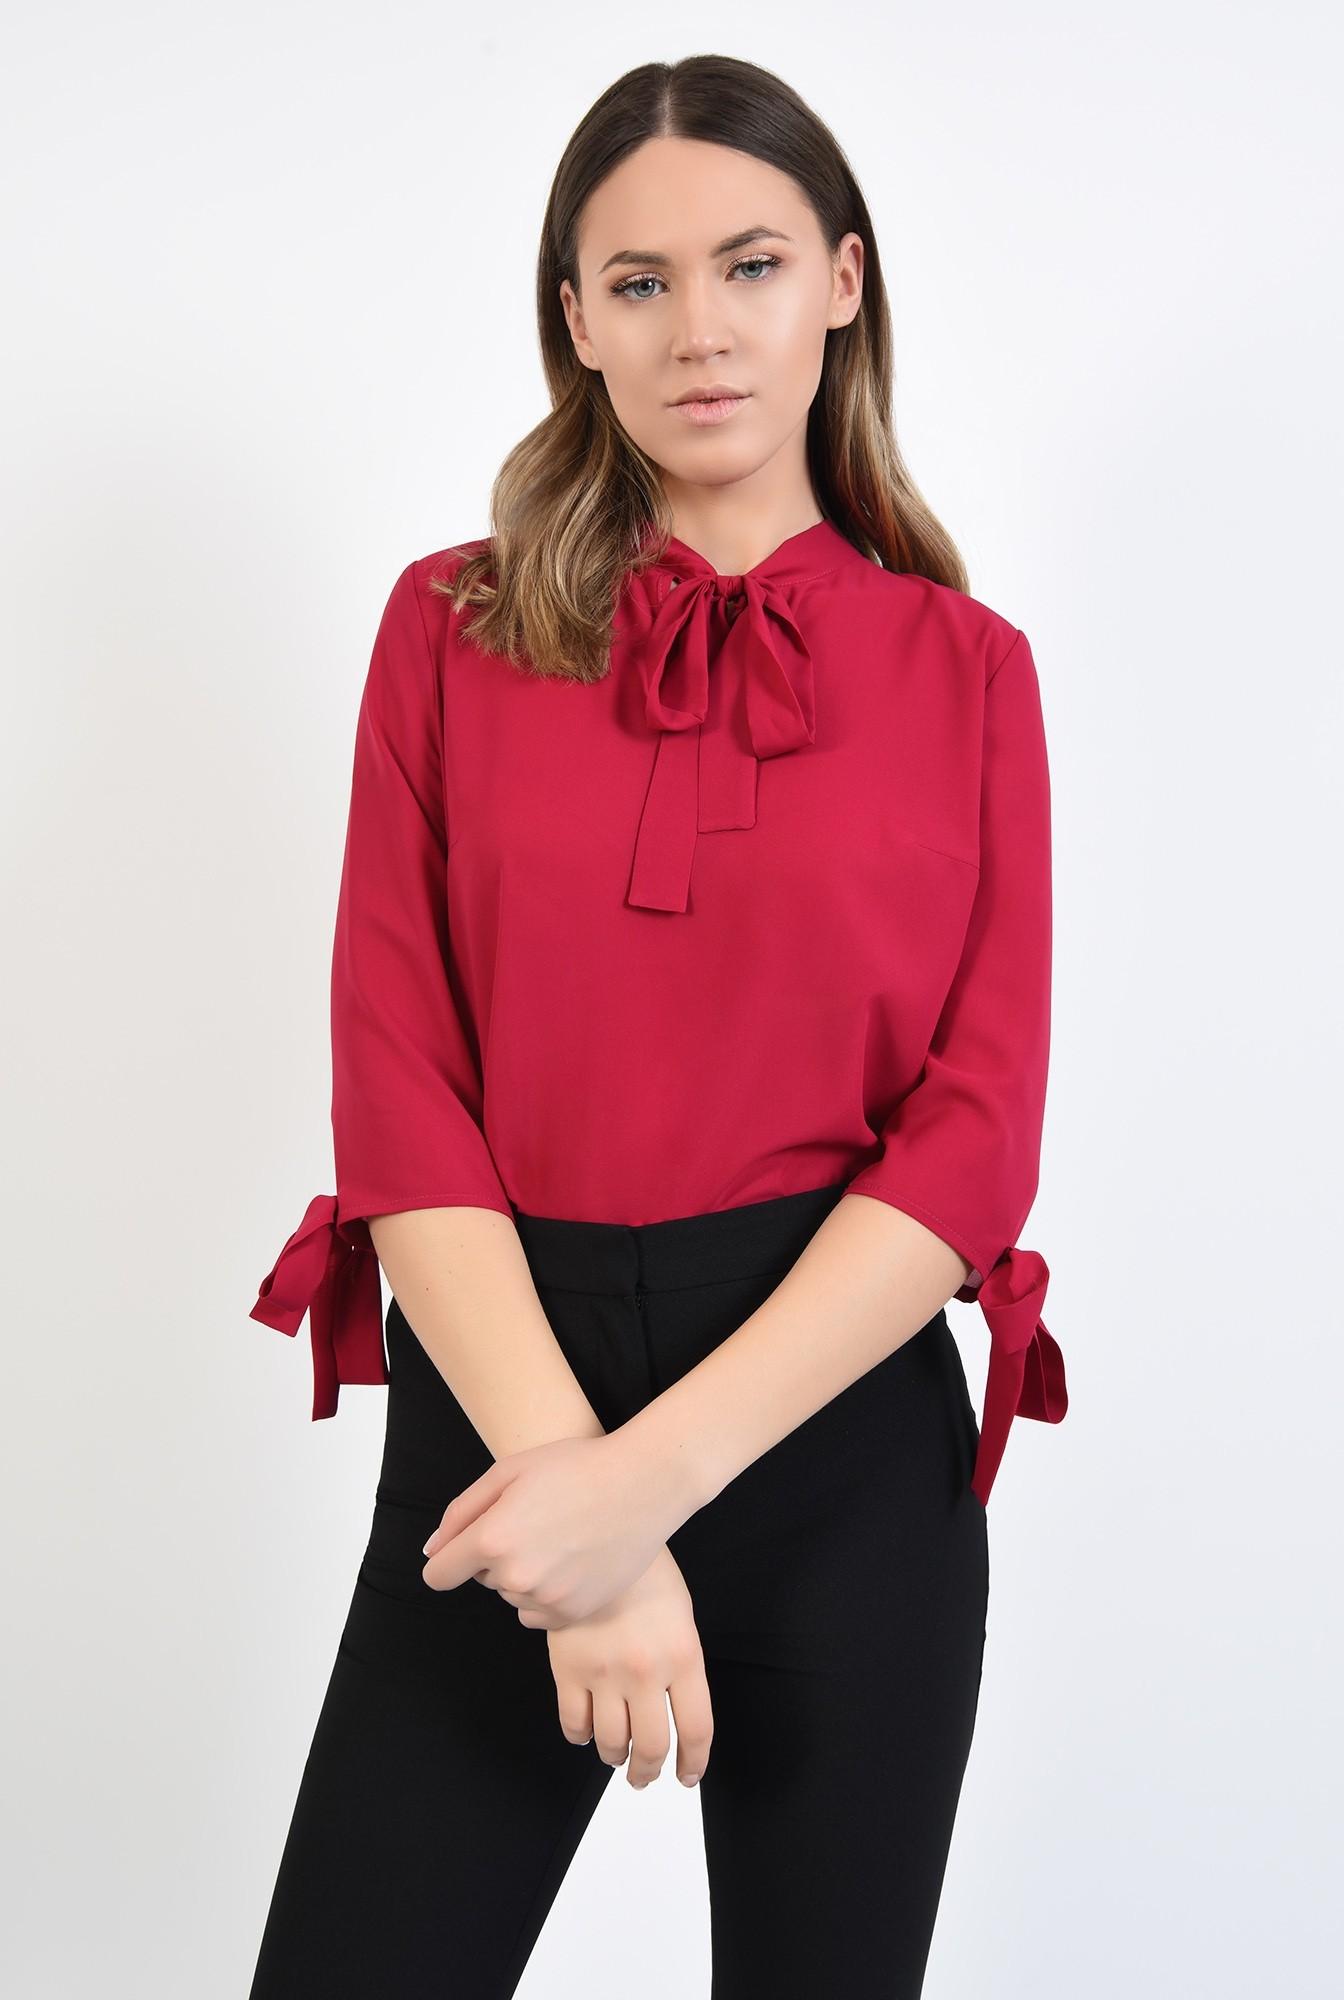 0 - 360 - bluza casual, fuxia, din sifon, maneci 3/4 cu funde, Poema